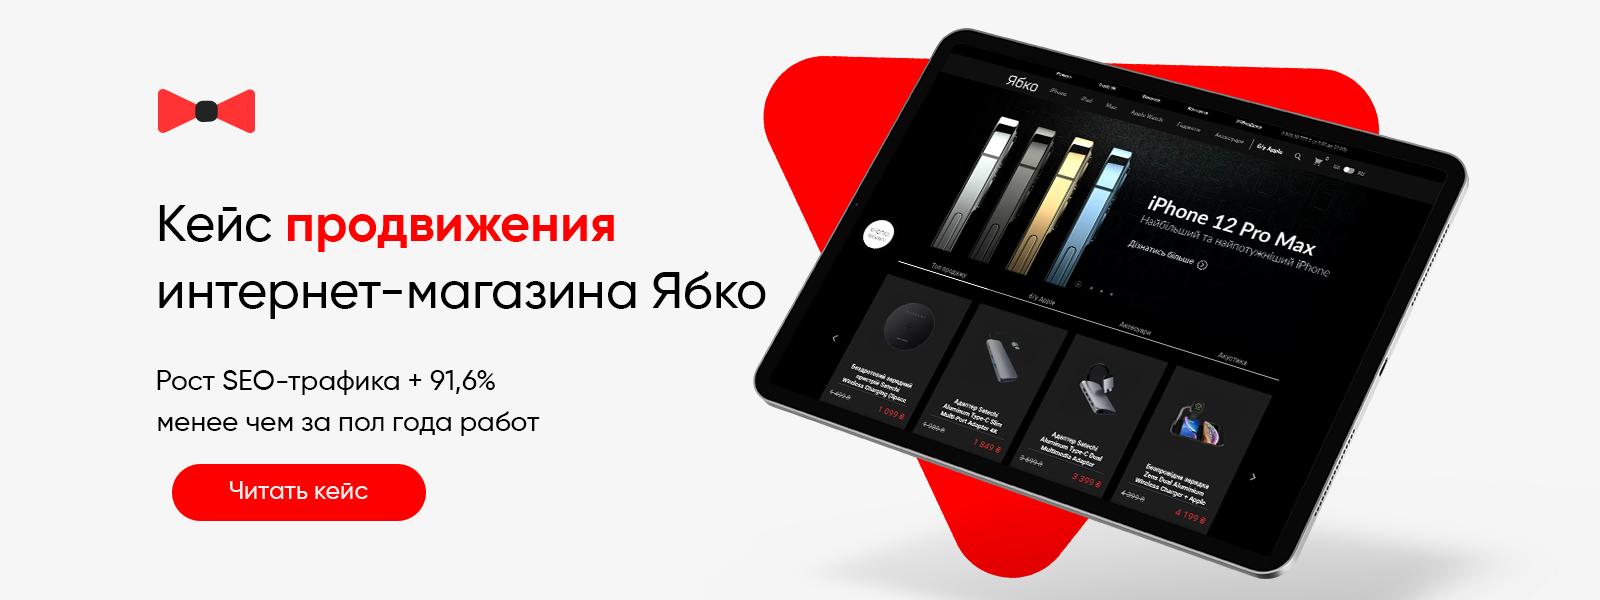 Как удвоить посещаемость интернет-магазина техники, кейс продвижения Jabko